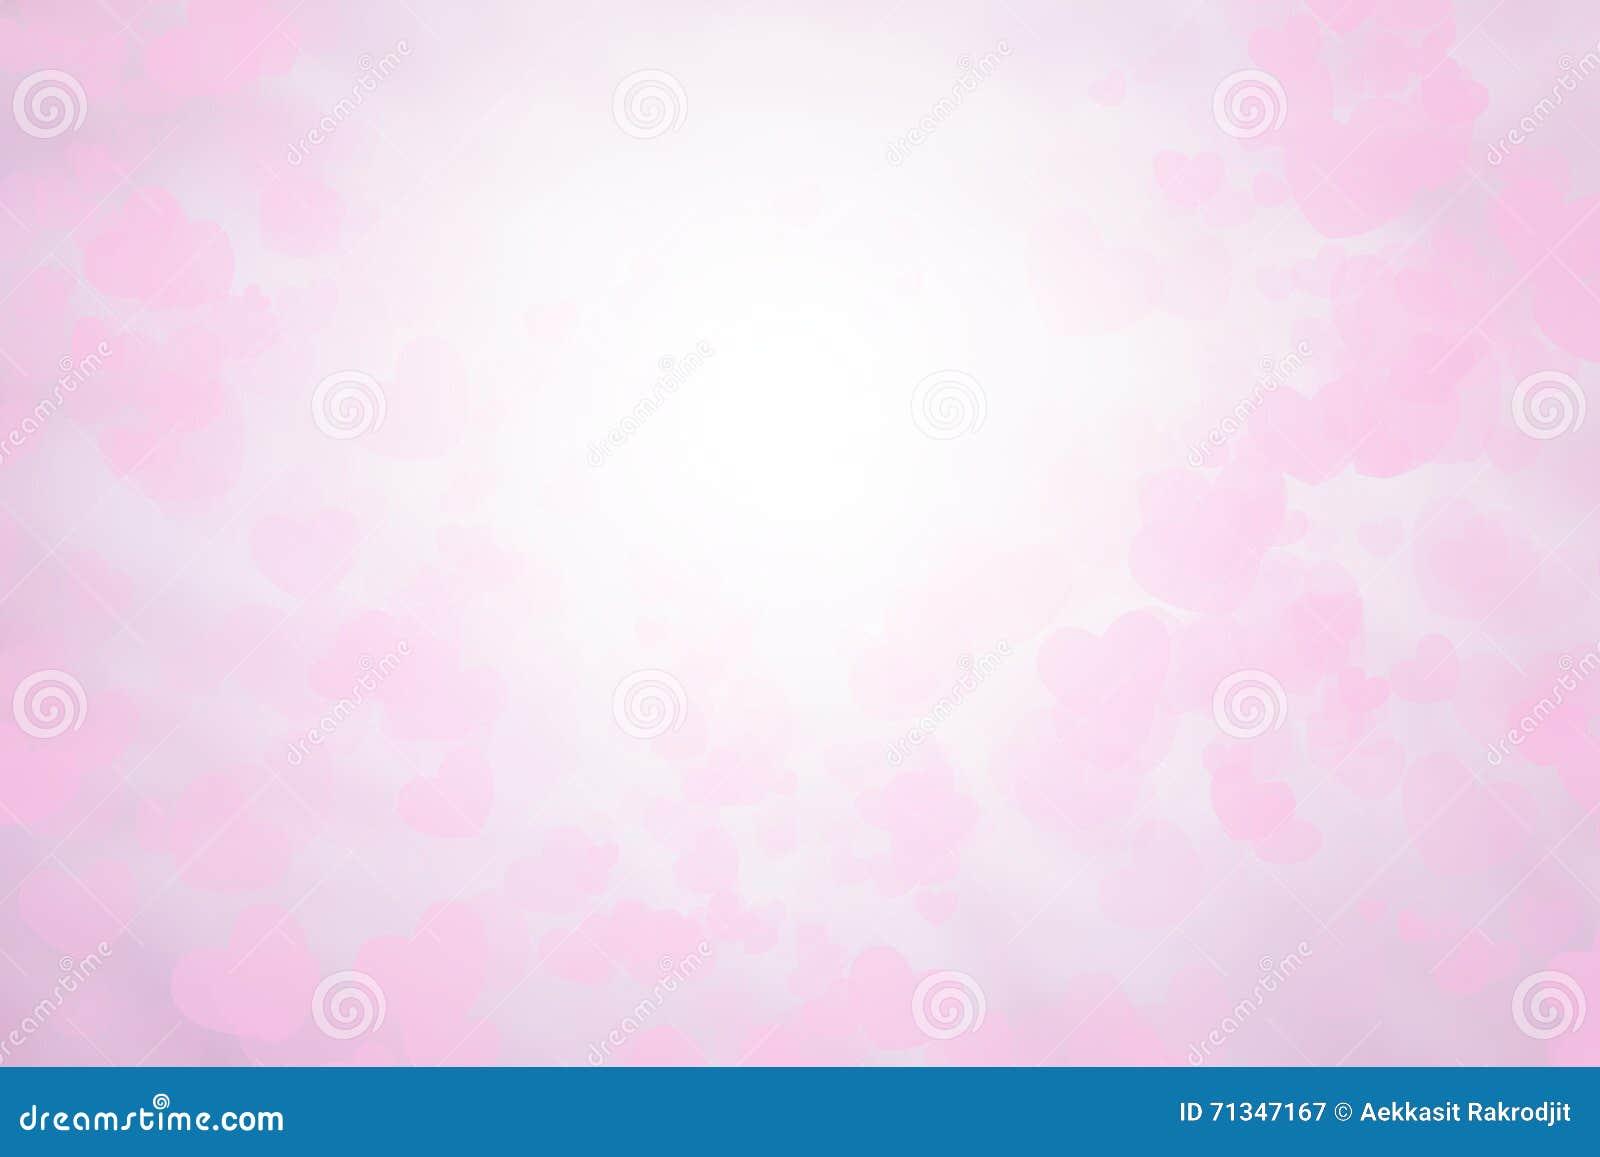 Carta Da Parati Rosa Bianca : Carta da parati rosa e bianca della carta del biglietto di s